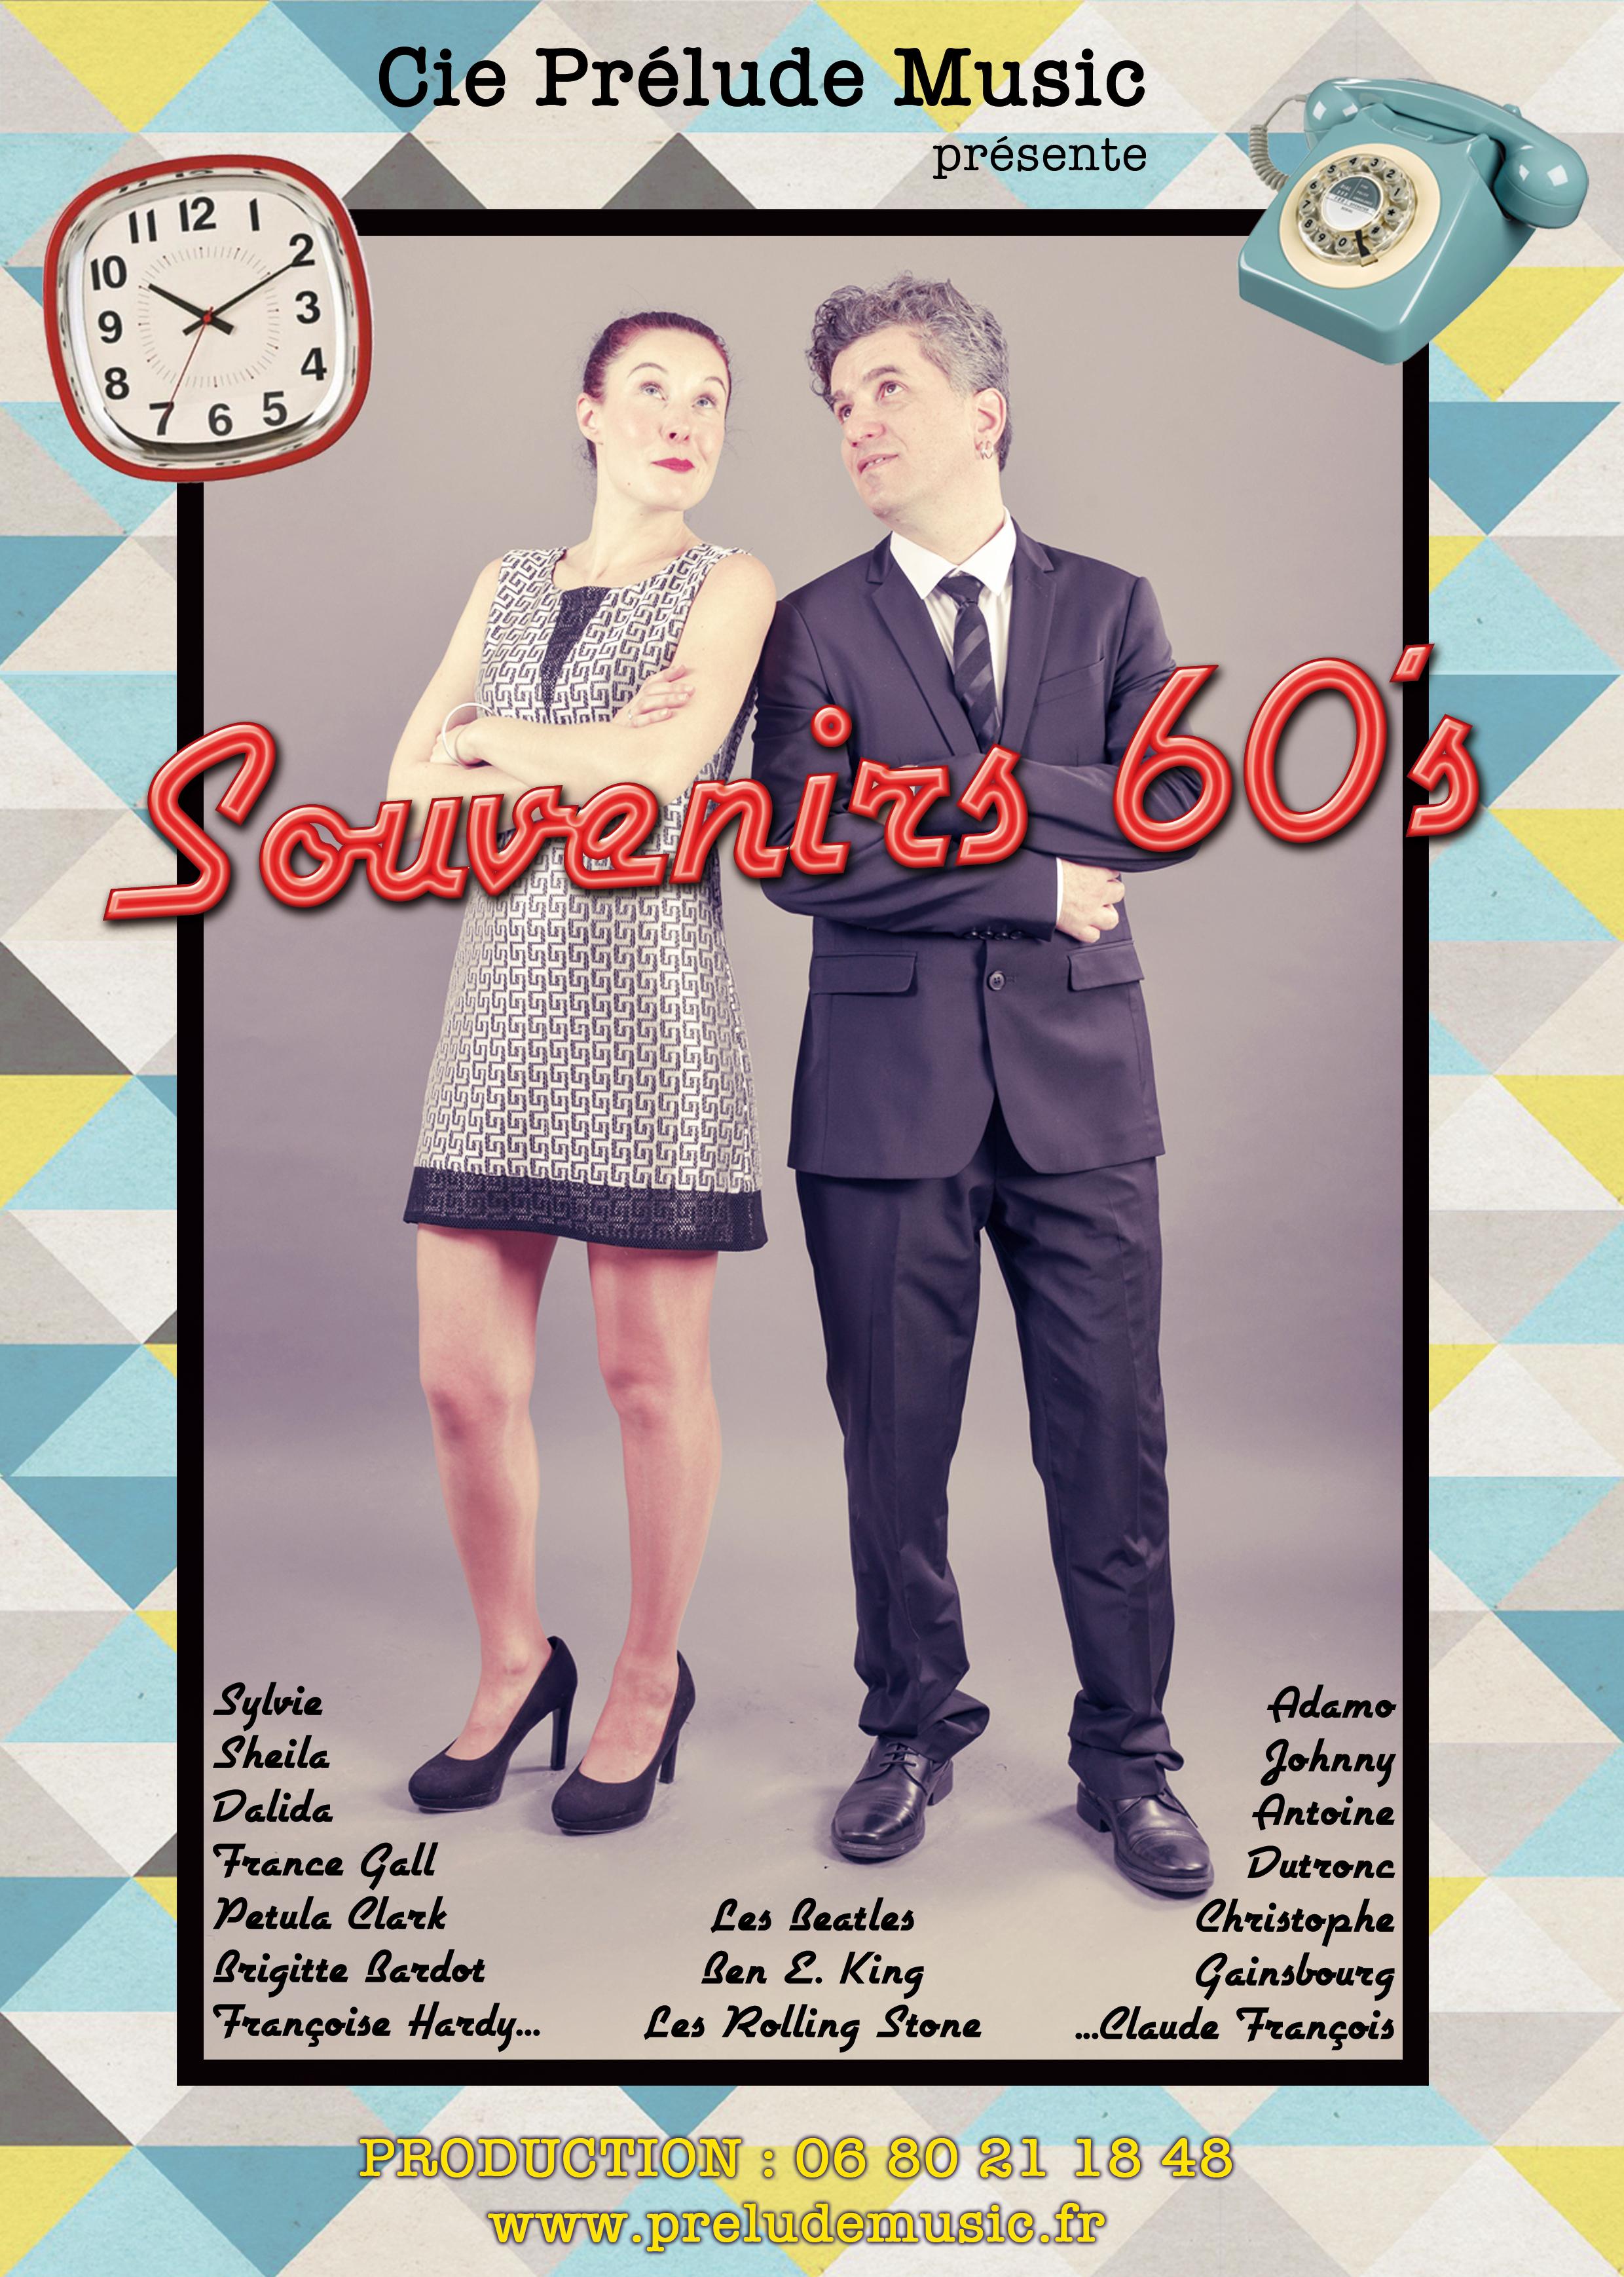 Souvenirs 60's